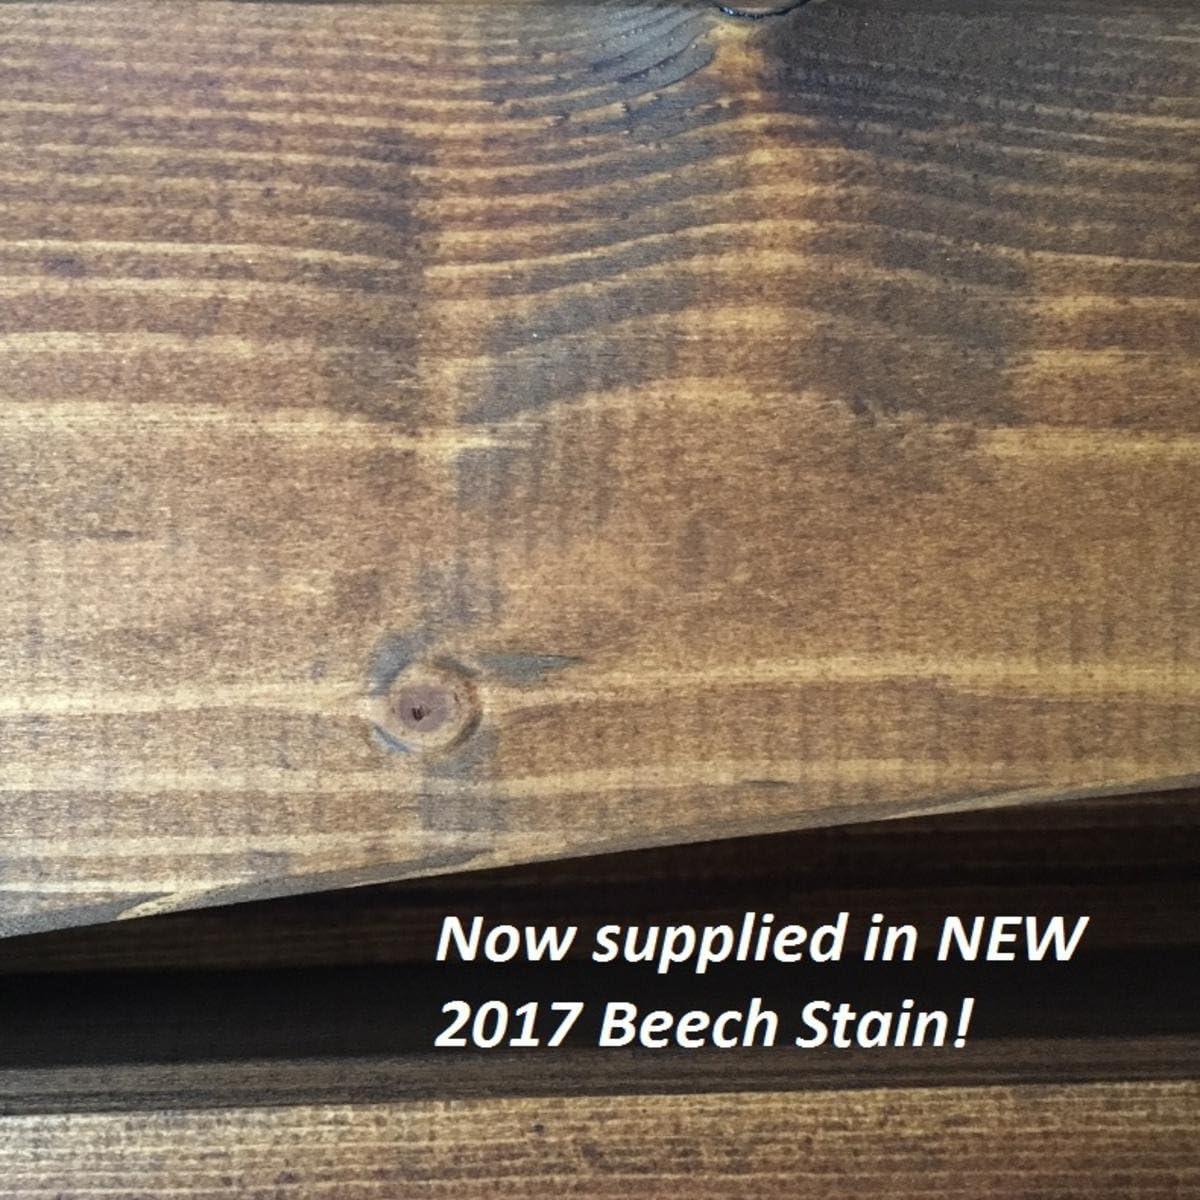 Apex techada de madera diseño de jardín silla columpio para: Amazon.es: Jardín